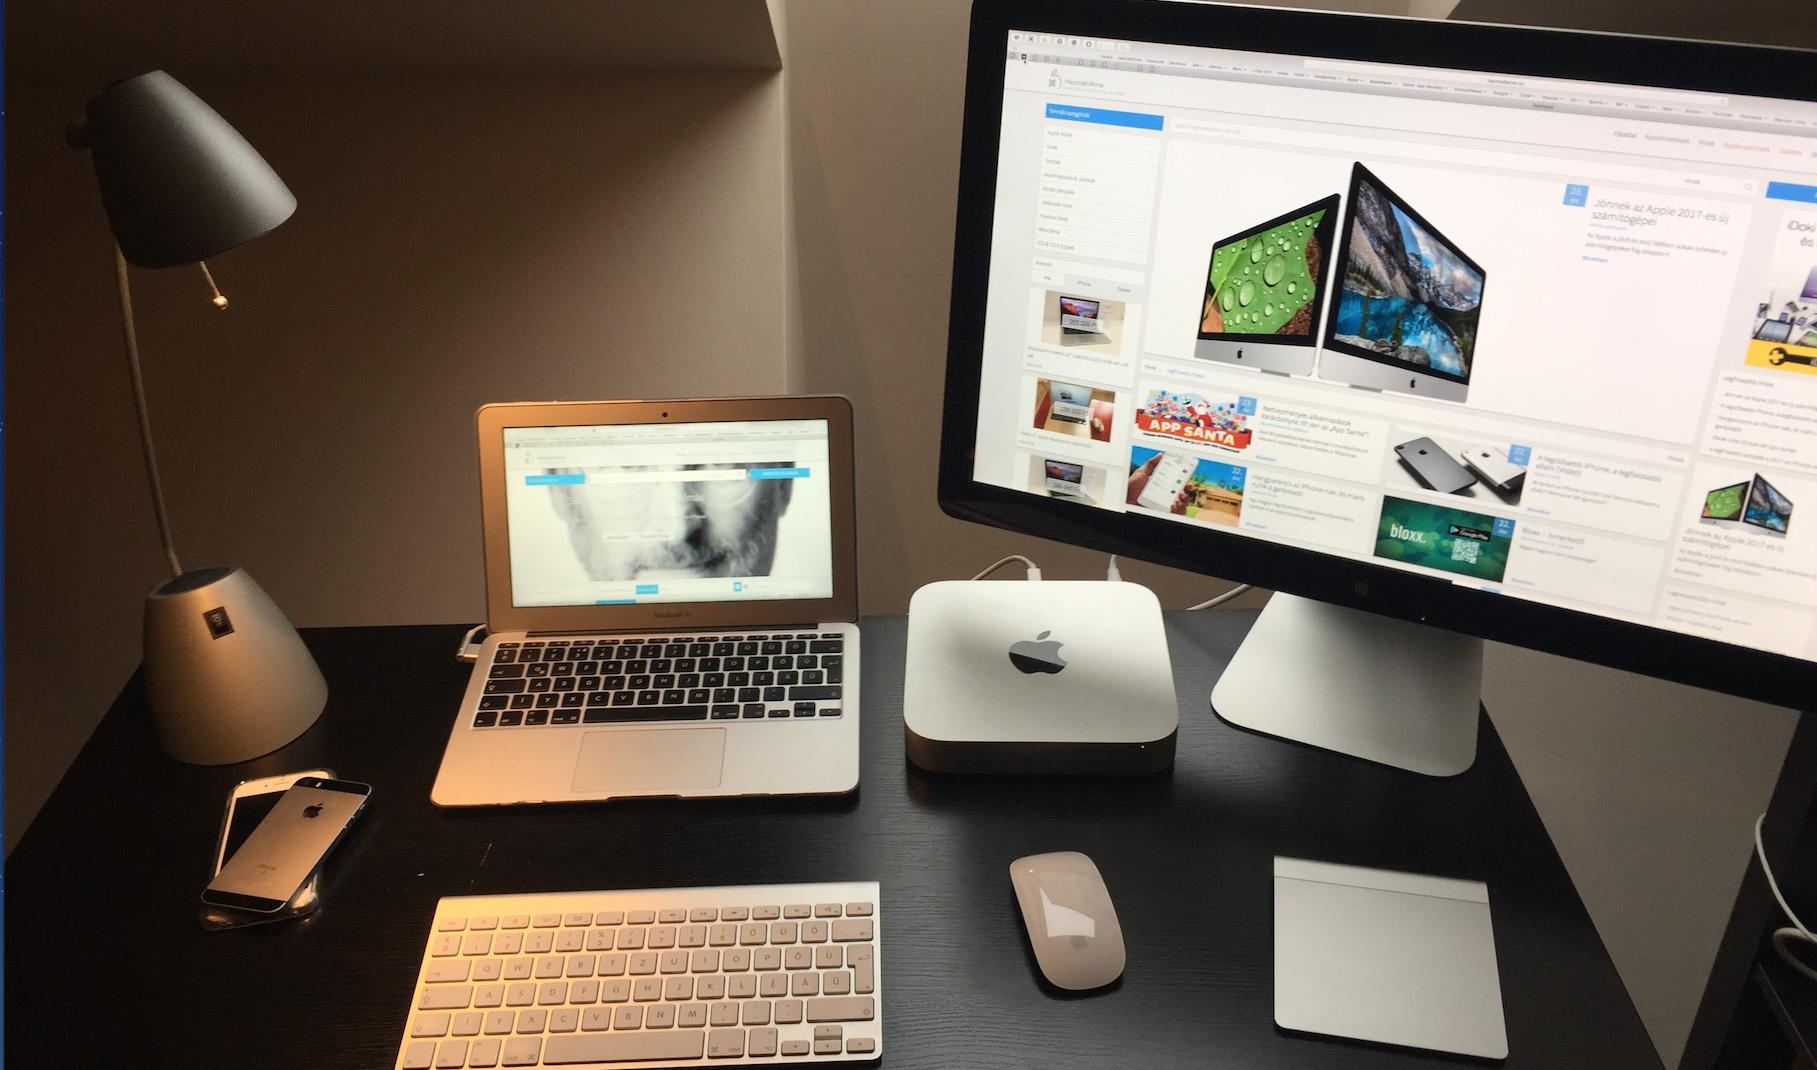 Vásárolj biztonságosan használt és új Apple termékeket nálunk!